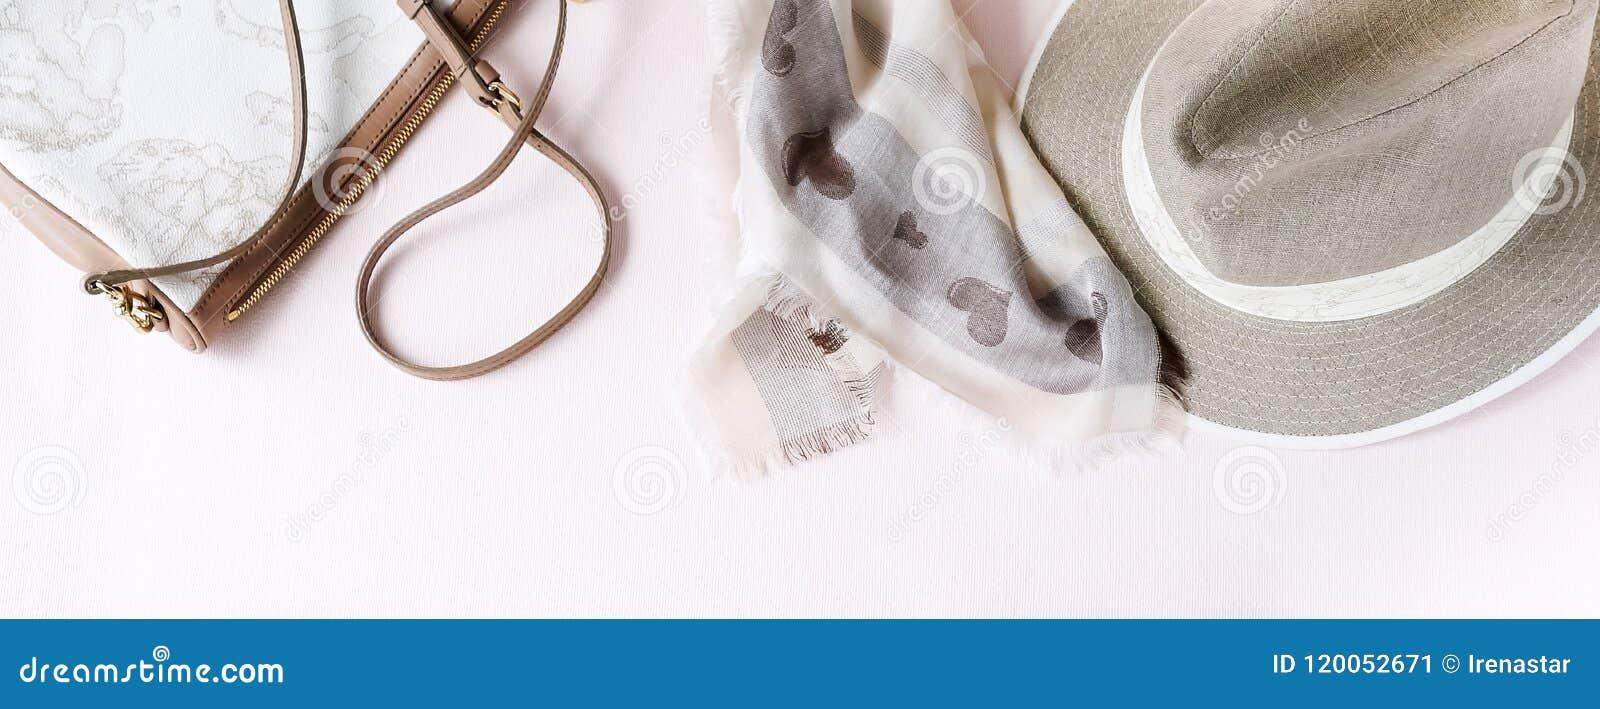 Skärm för efterföljd för bakgrundsdatormode Kvinnlig tillbehör i beigea pastellfärgade färger